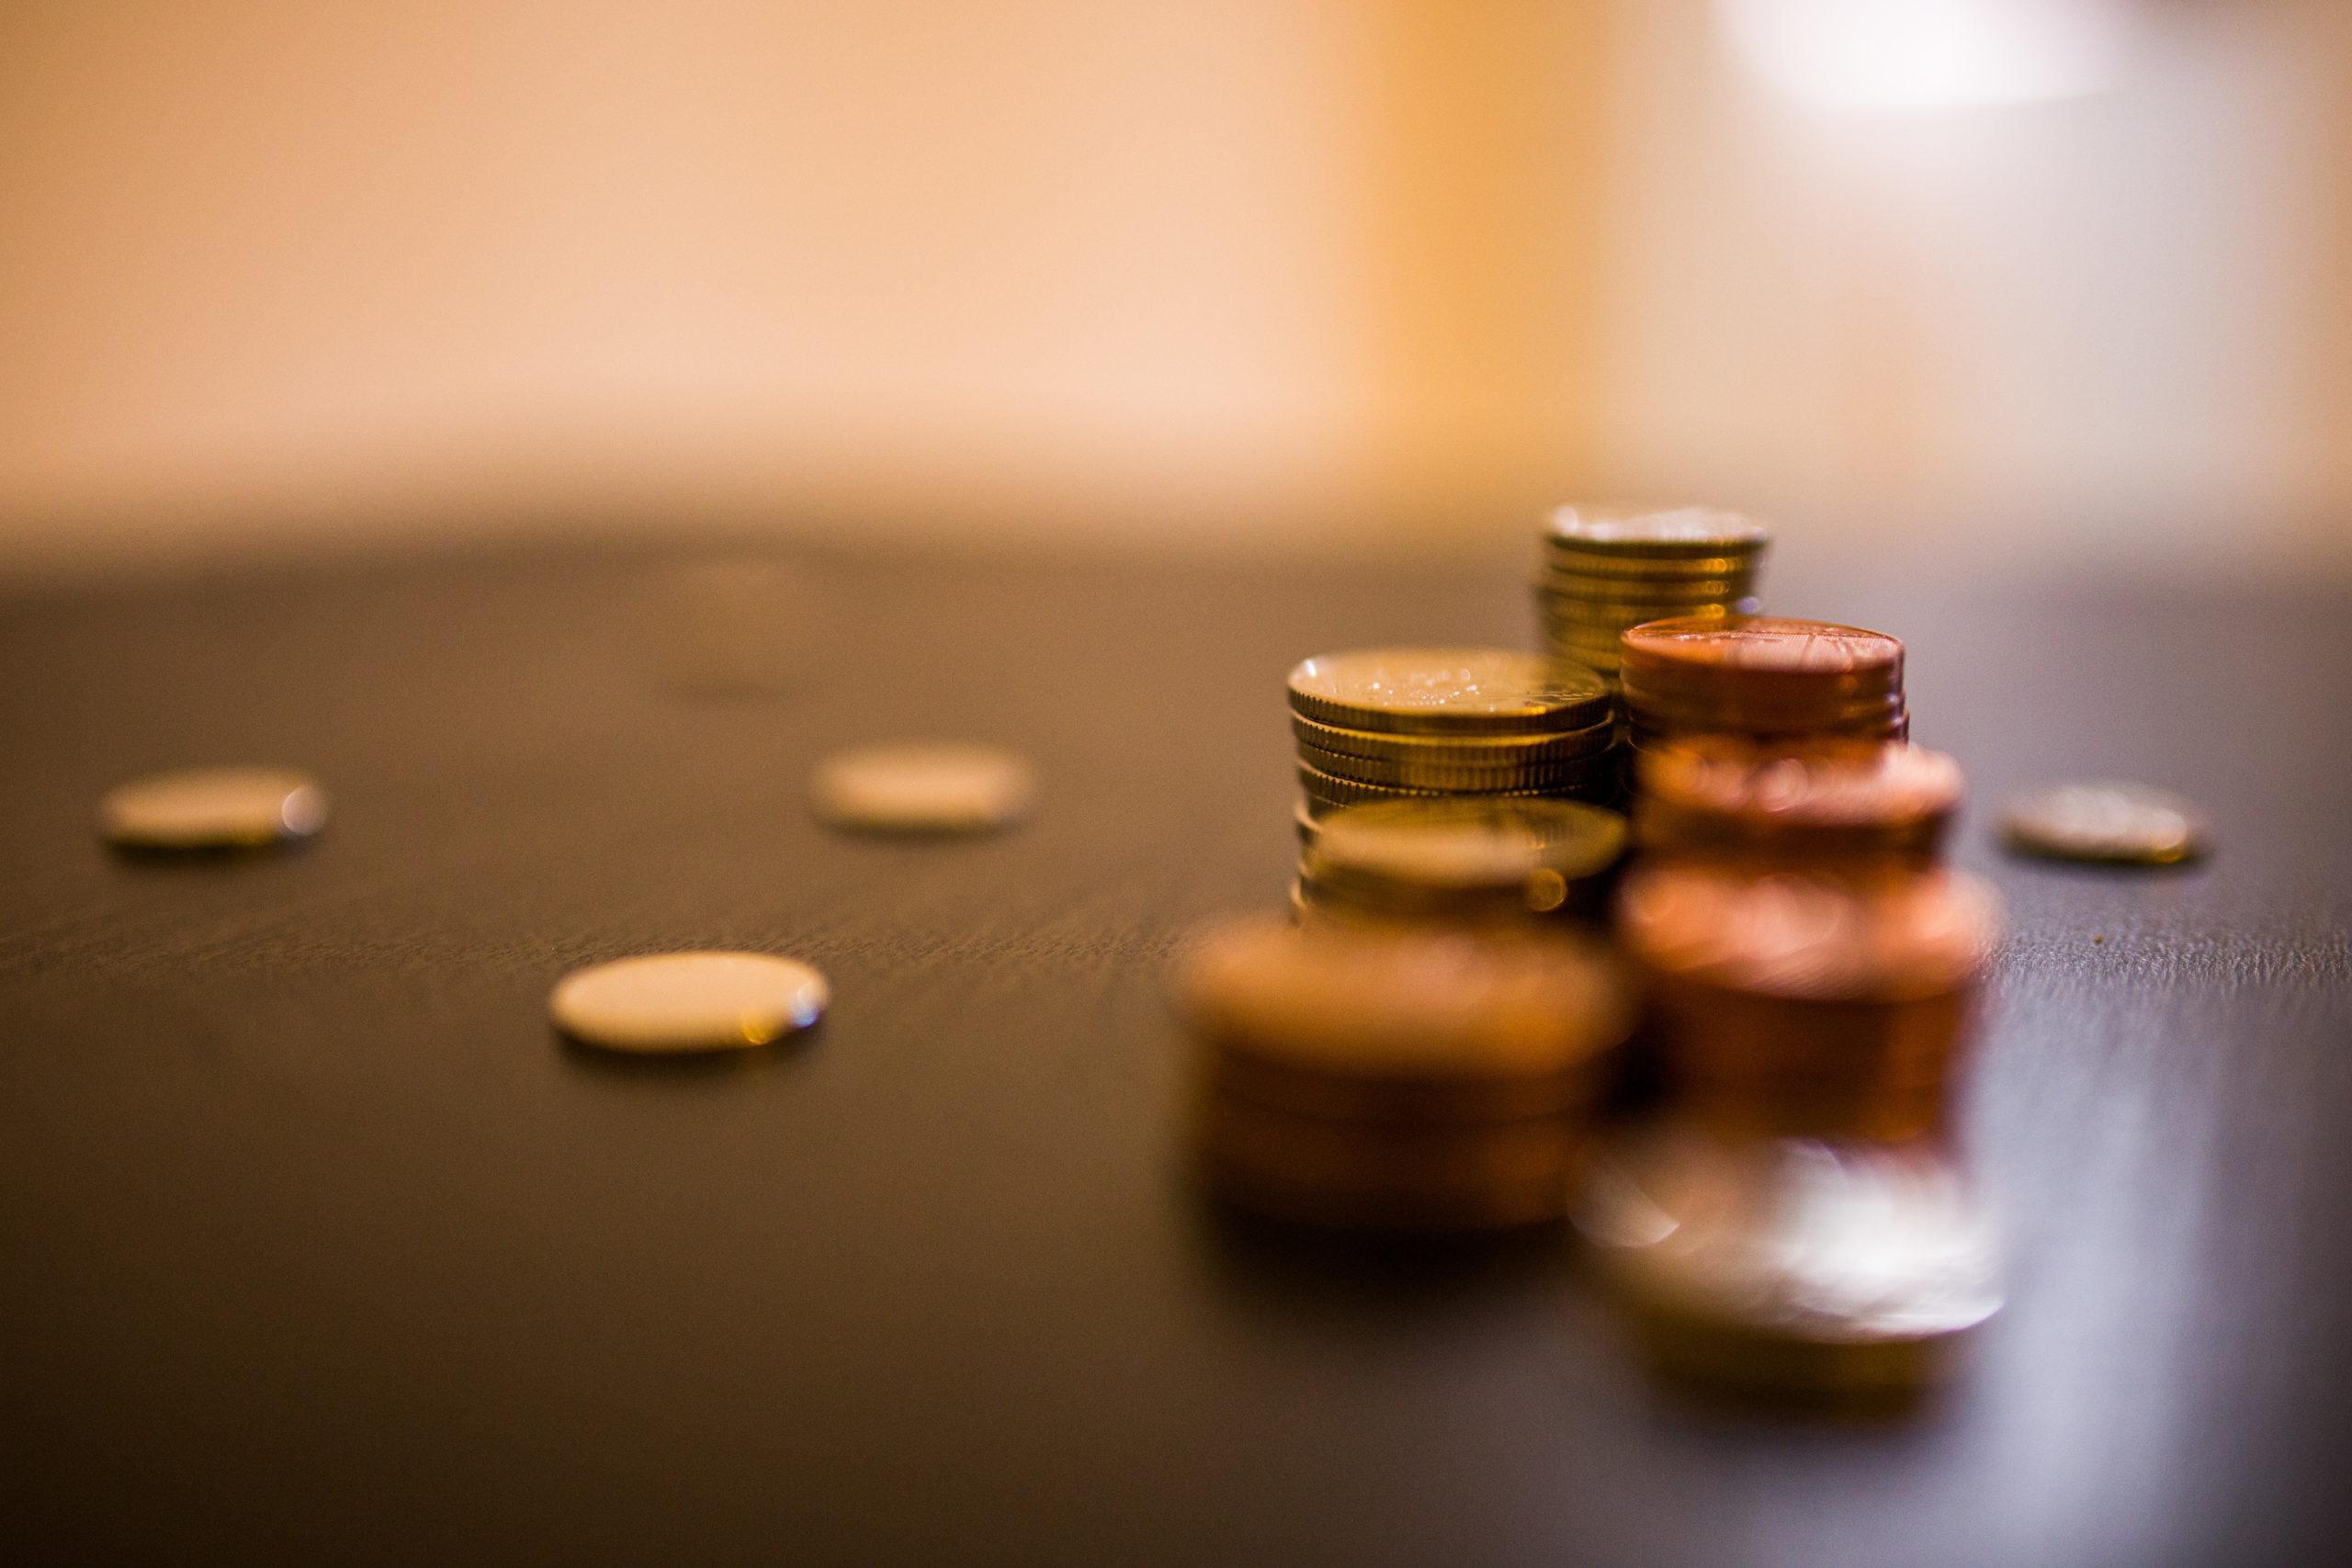 Мораторий на налоговые проверки бизнеса продлен до 30 июня